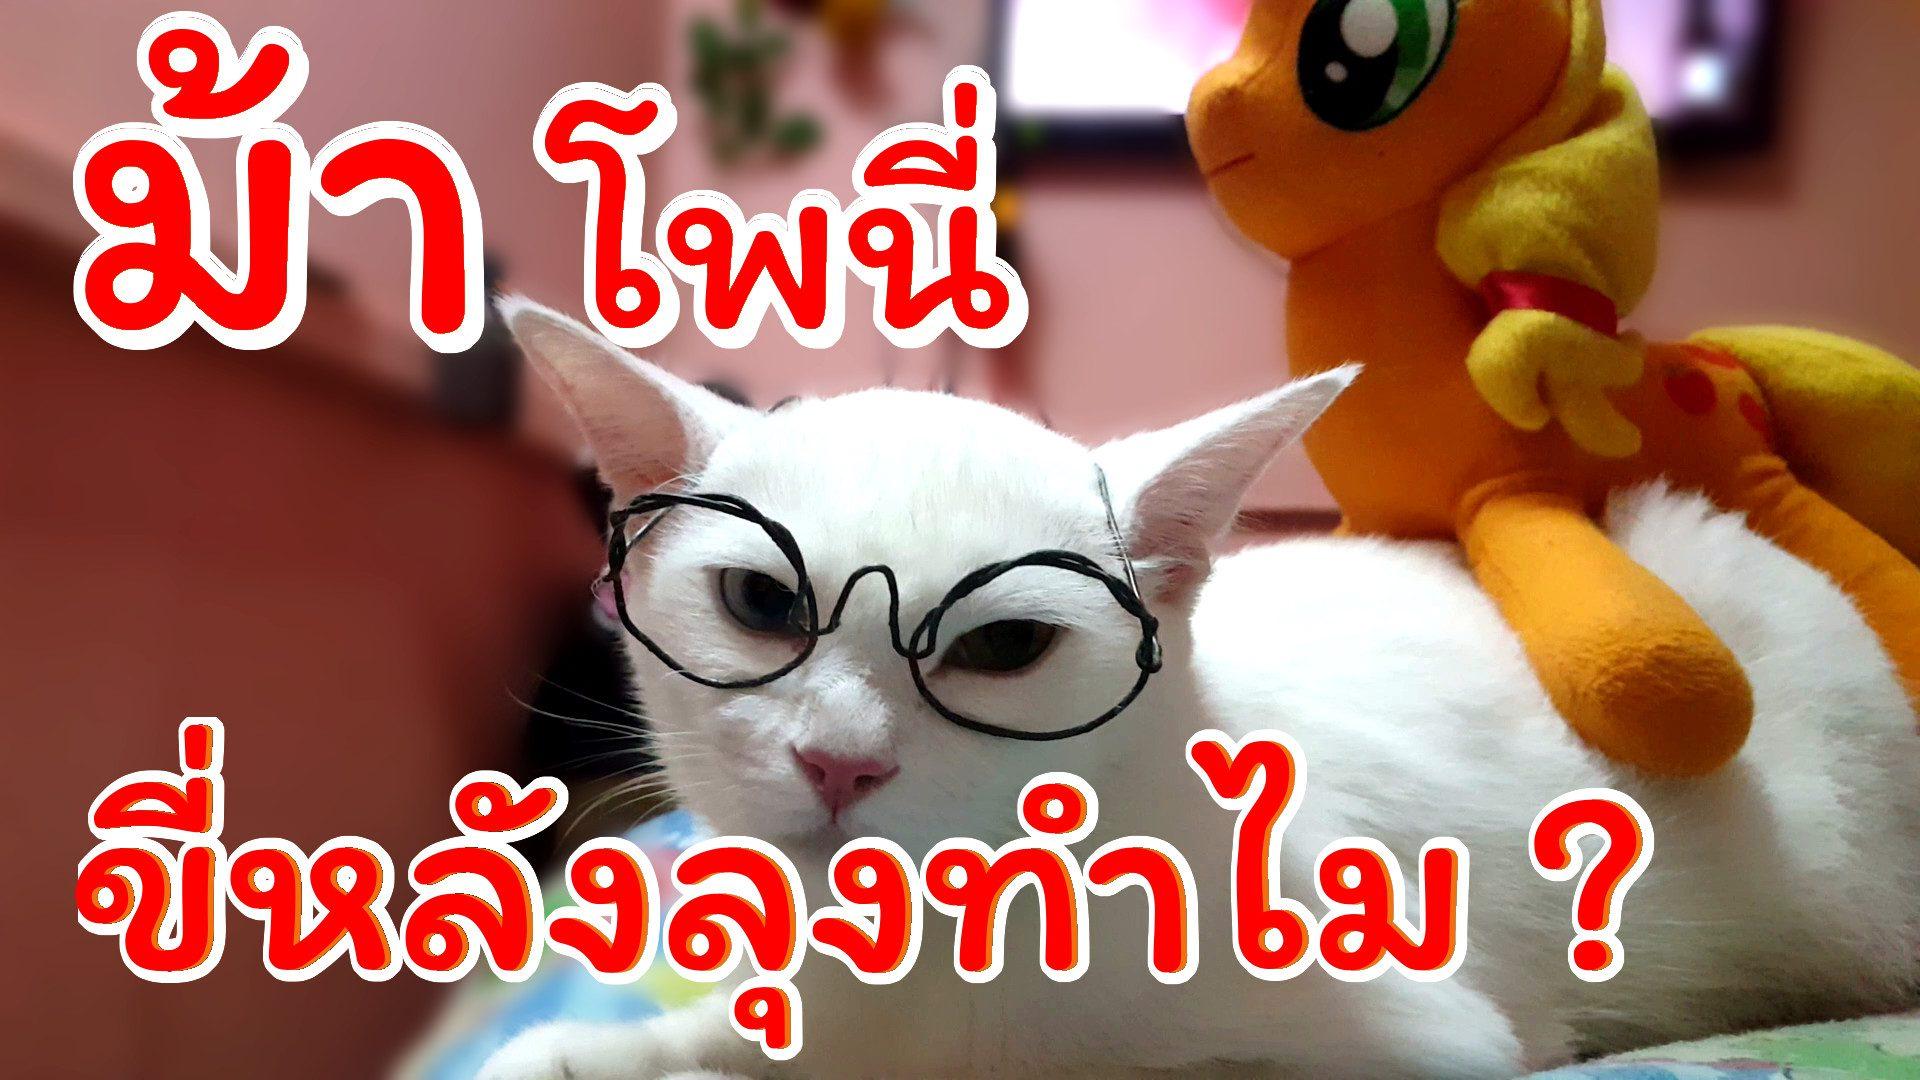 ม้าโพนี่  มาขี่หลังลุงทำไม ลุงแก่แล้วน่ะ | แมวพันธุ์ไทยขาวมณี | namsomvlog